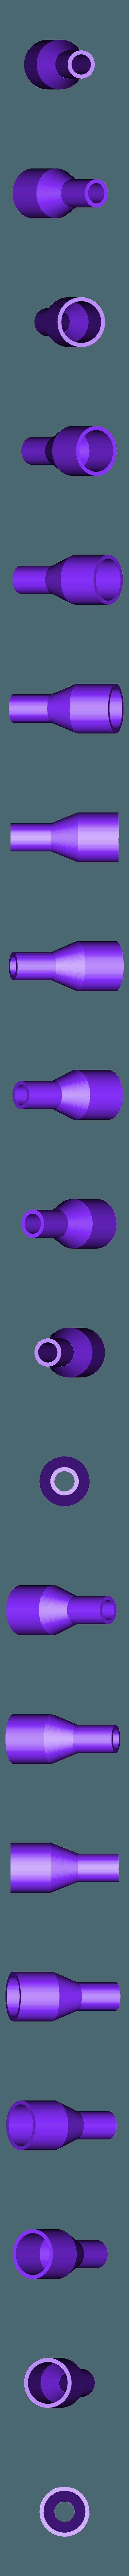 planer-to-shop_vac_adapter_20200302-55-joypop.stl Télécharger fichier STL gratuit Mon adaptateur personnalisé de rabotage à l'aspirateur • Modèle à imprimer en 3D, SteveOrpelli